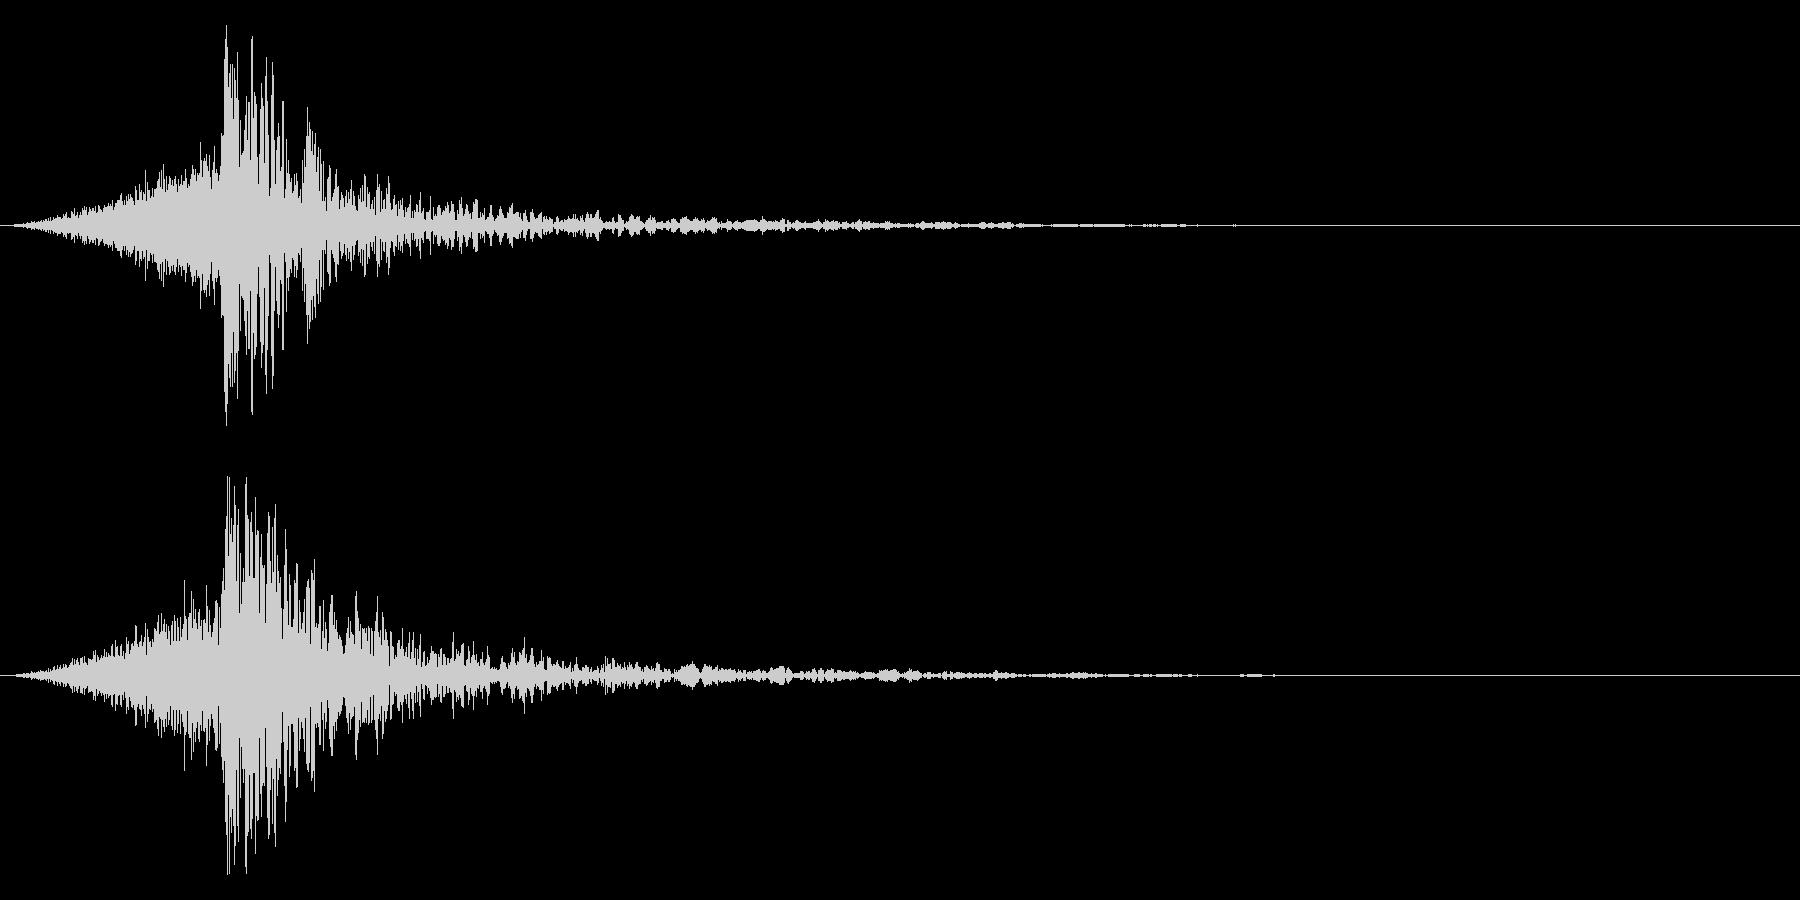 シュードーン-59-4(インパクト音)の未再生の波形